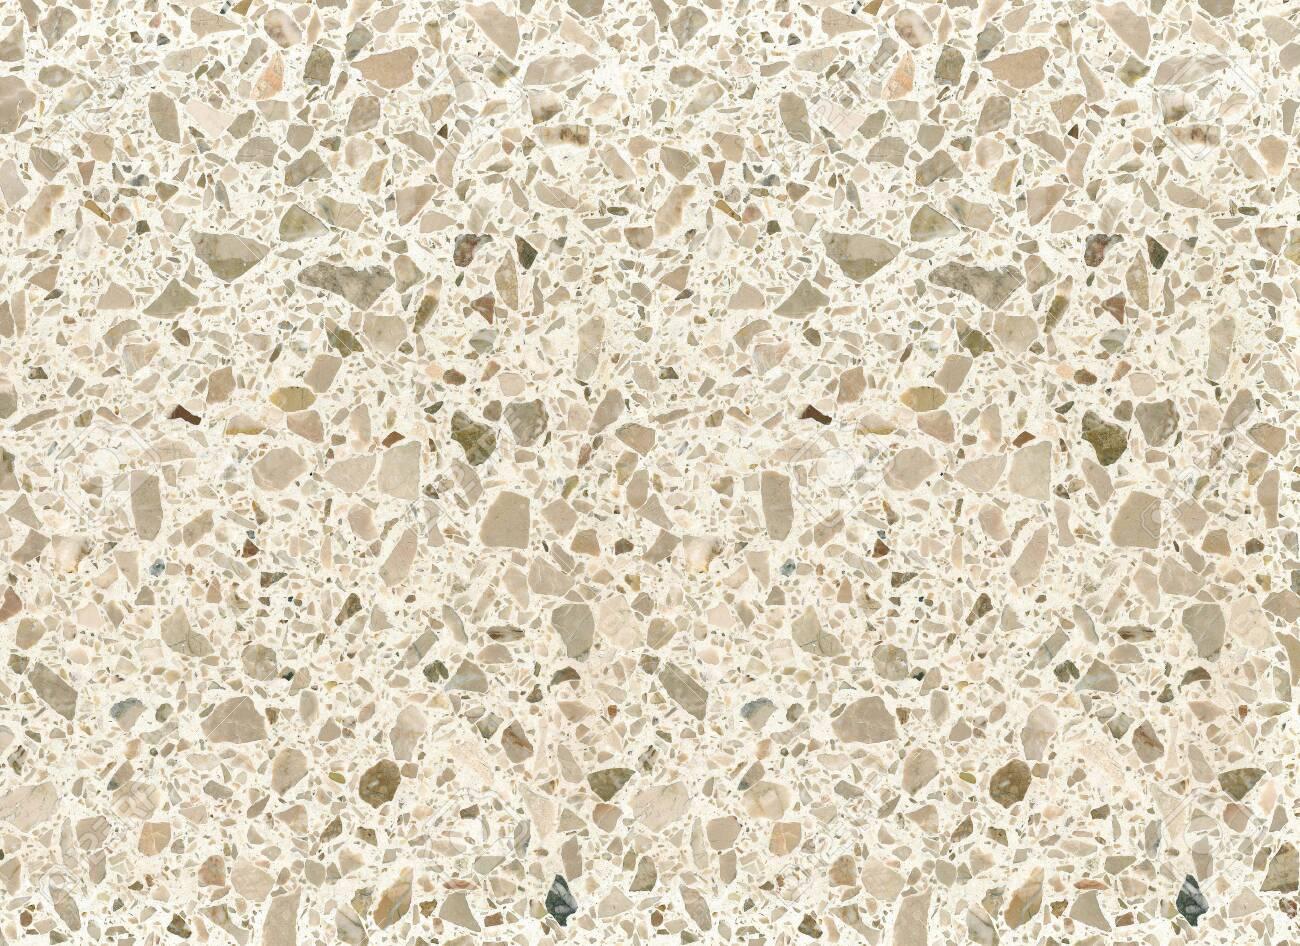 Beige Mottled Terrazzo Floor Tile Surface Texture Background